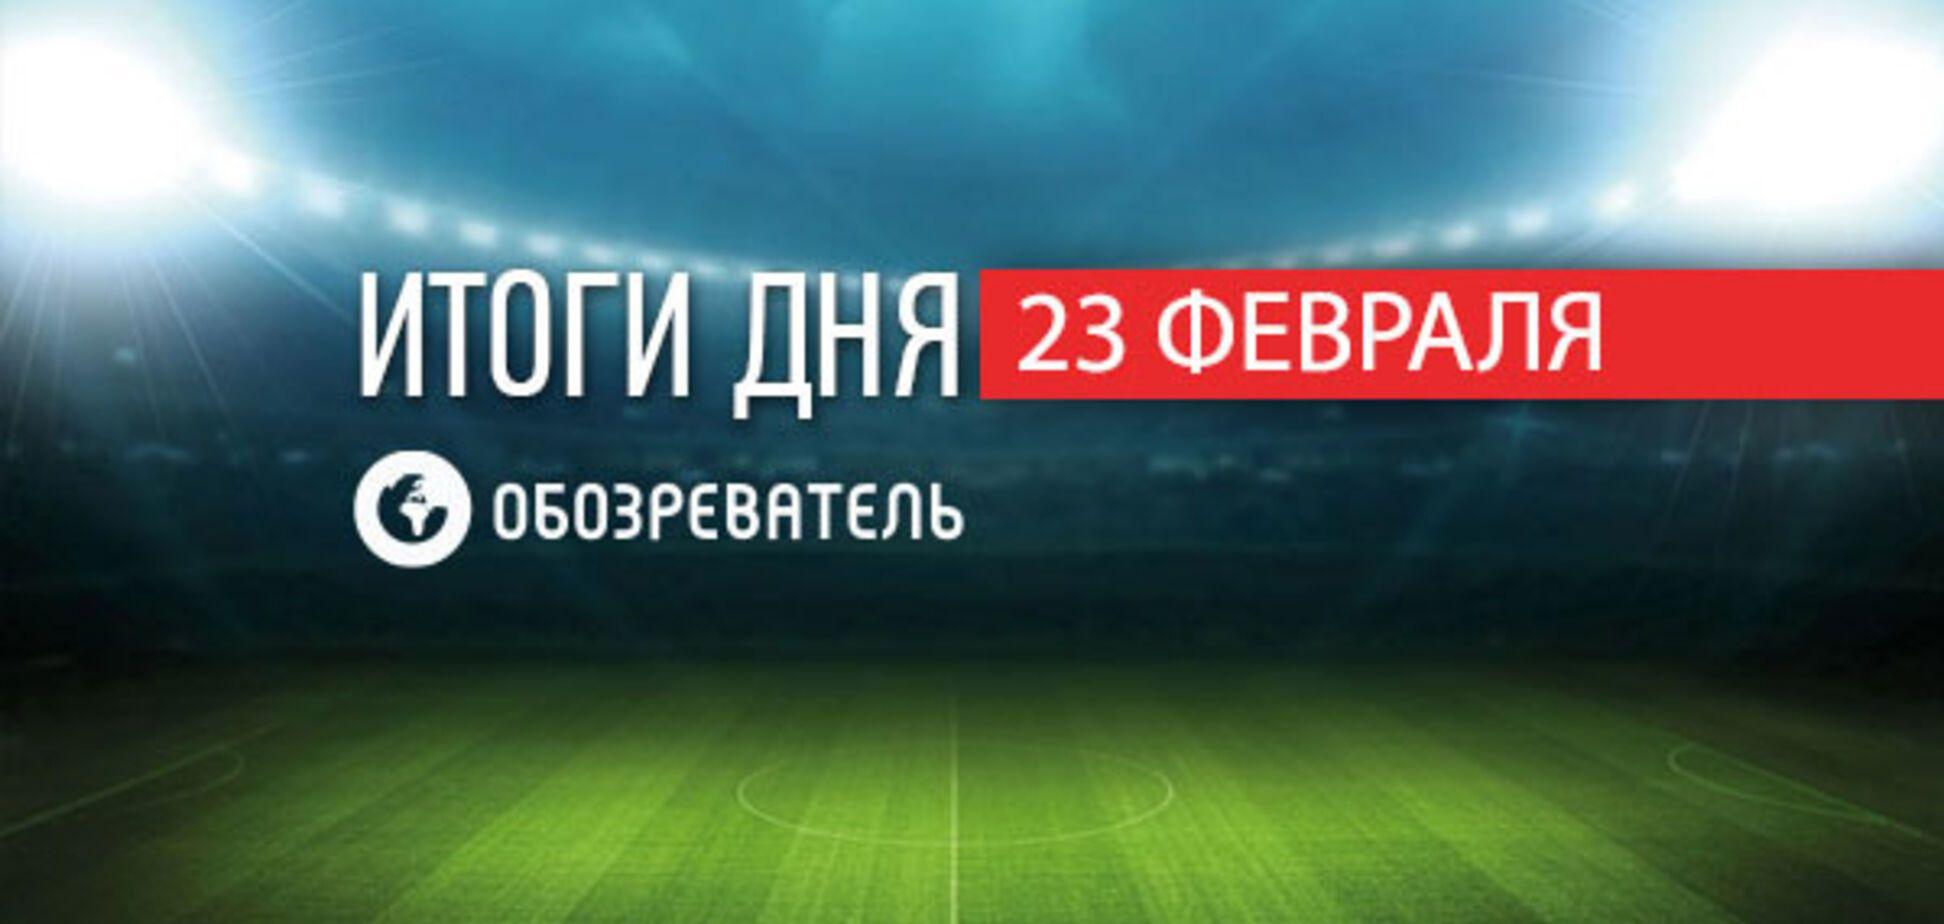 Усик взбесил украинцев: спортивные итоги 23 февраля